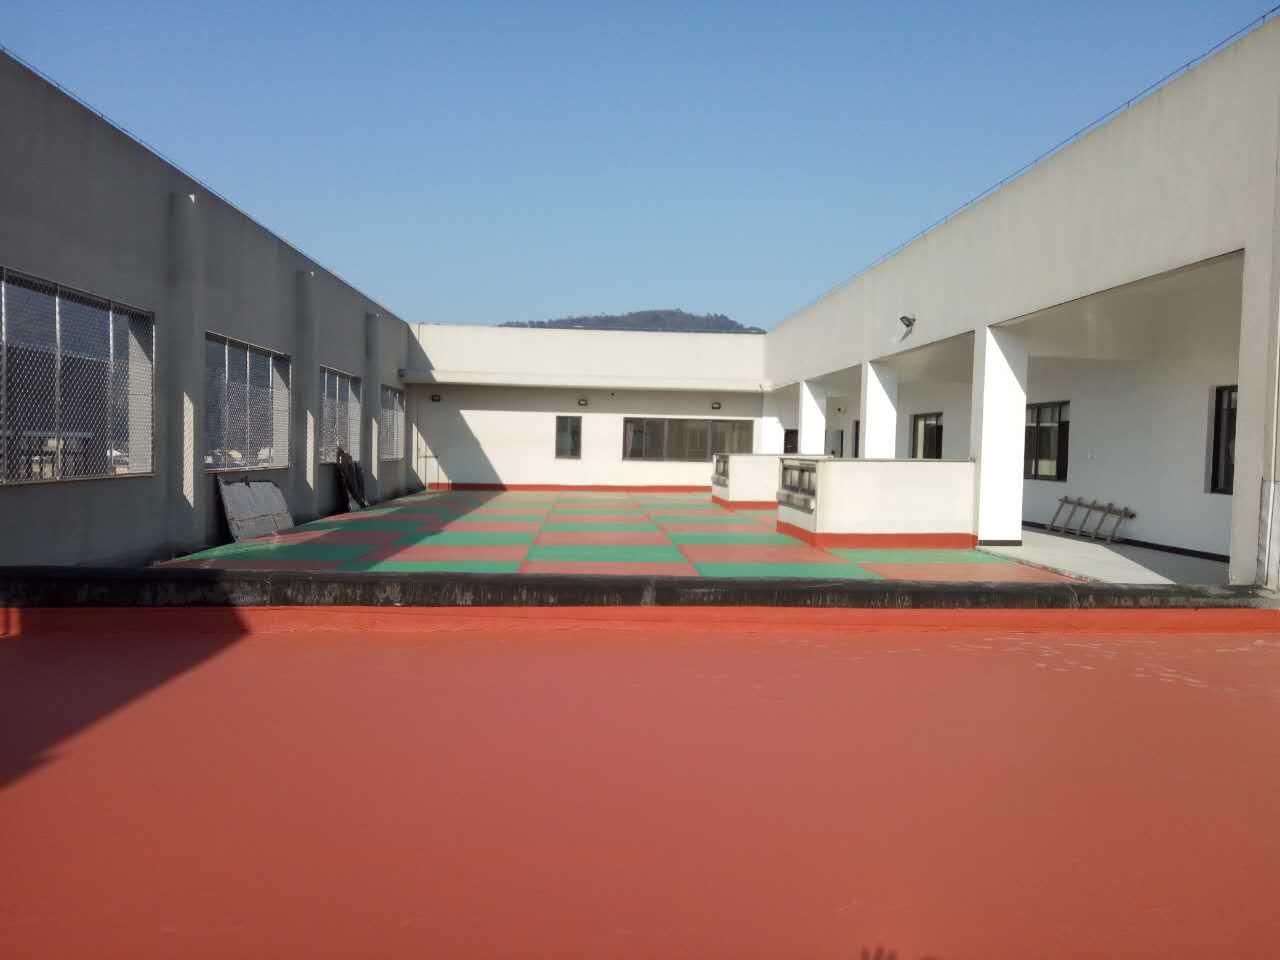 硅pu运动材料品牌 广东地区专业的硅pu球场材料